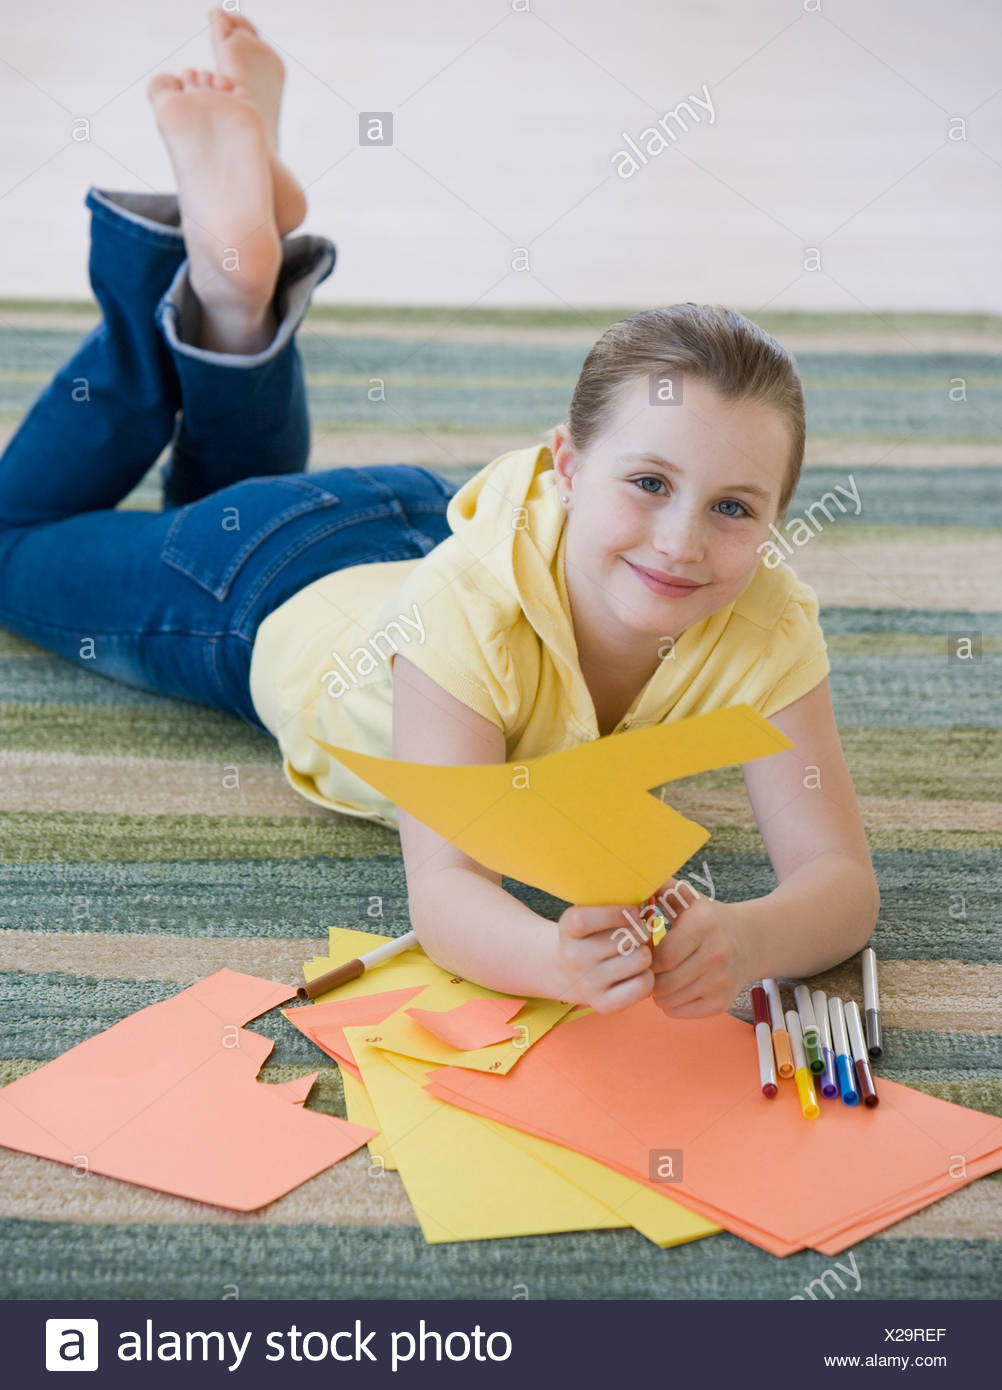 Ragazza il taglio di costruzione della carta sul pavimento Immagini Stock